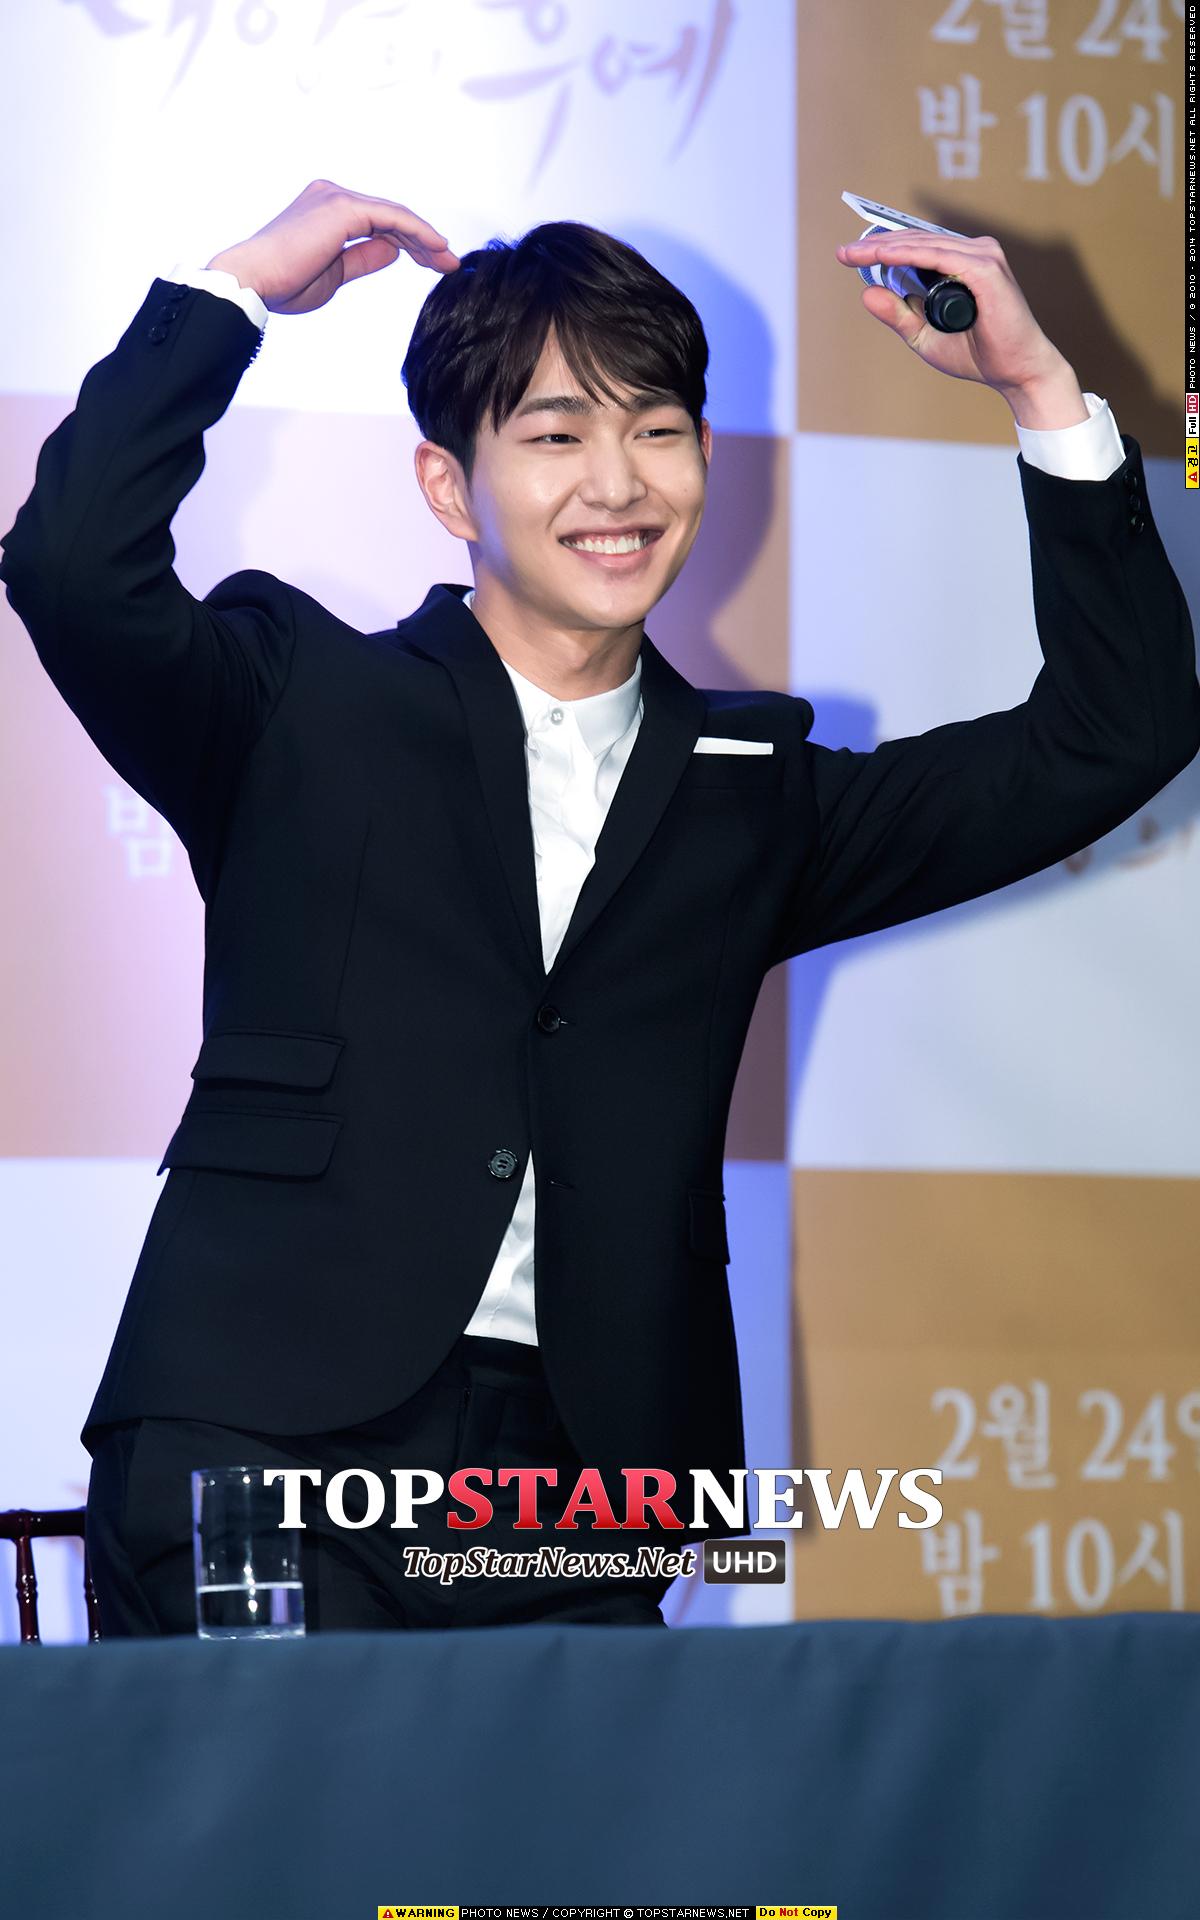 今天的主角之一就是 SHINee 溫流 他最近參與了 KBS《太陽的後裔》的演出。